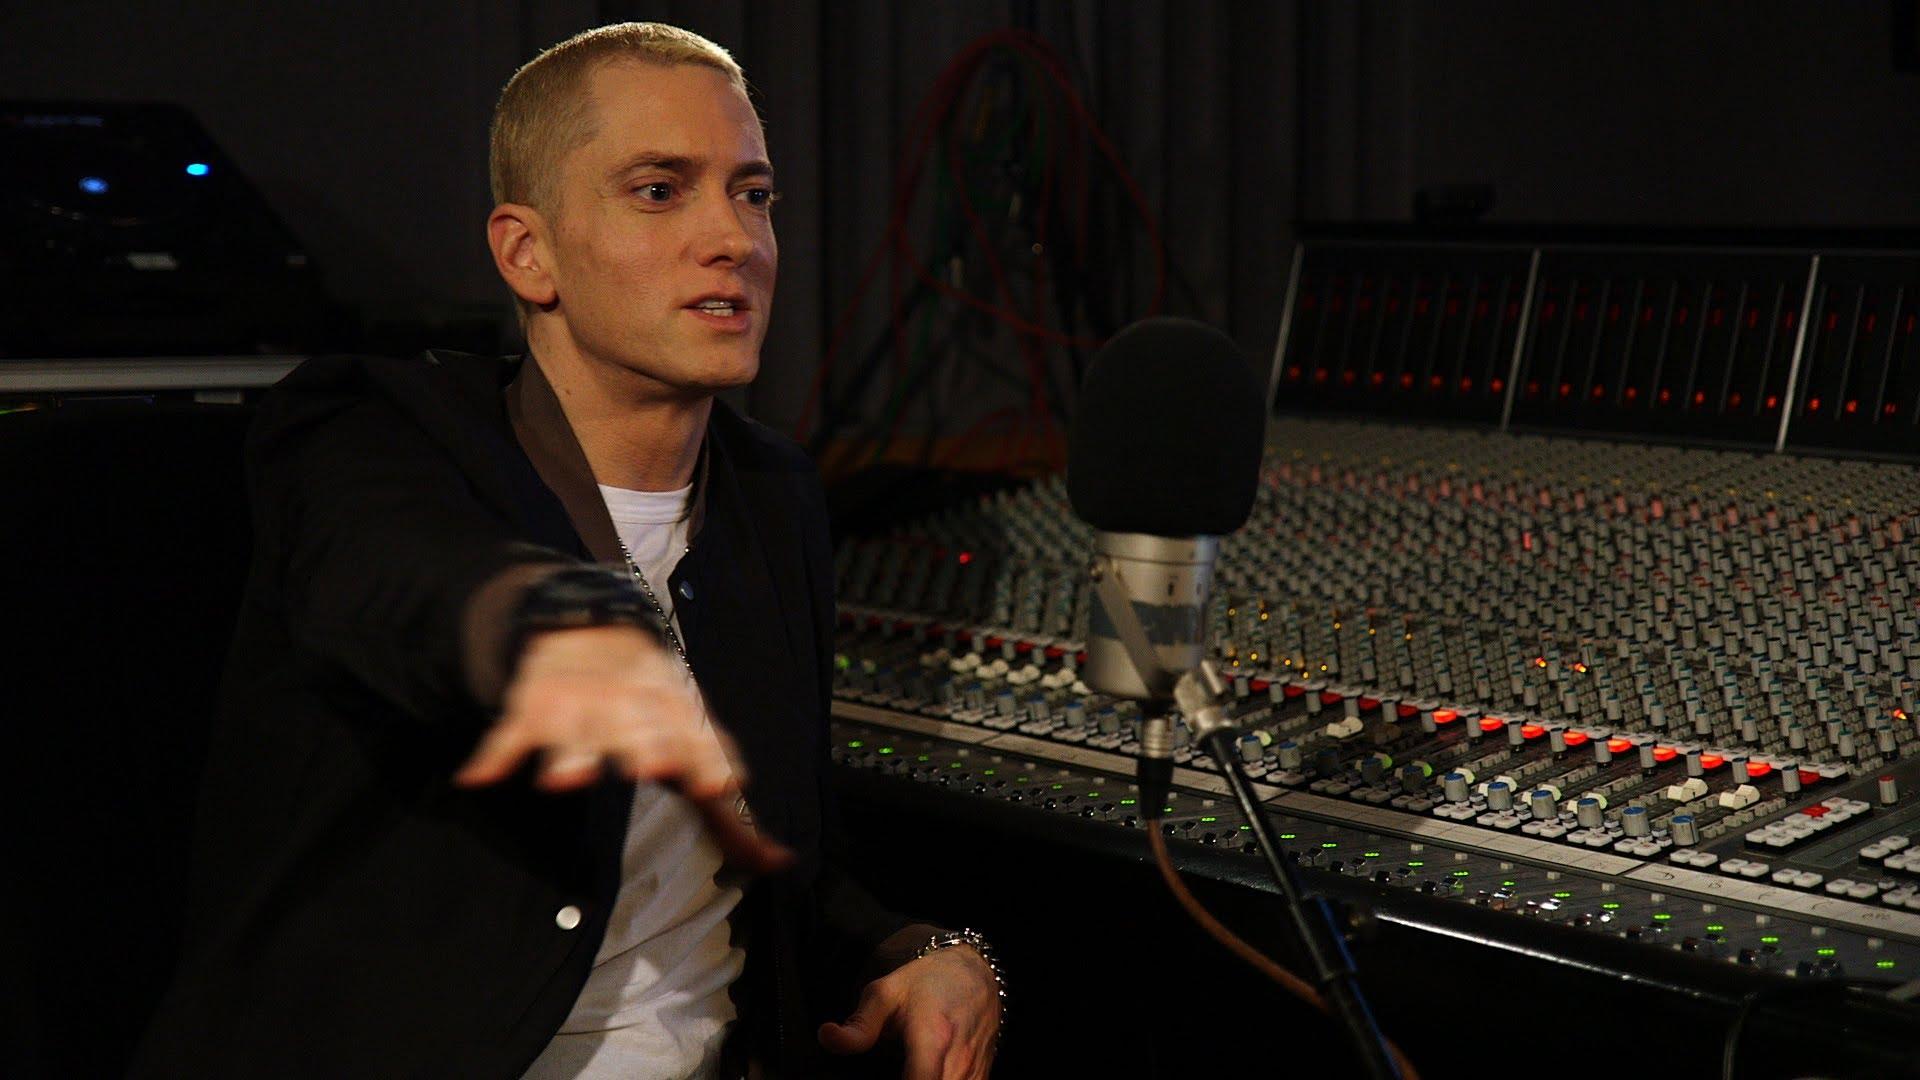 The Fall Bbc Wallpaper Eminem Singer Wallpaper Pixelstalk Net